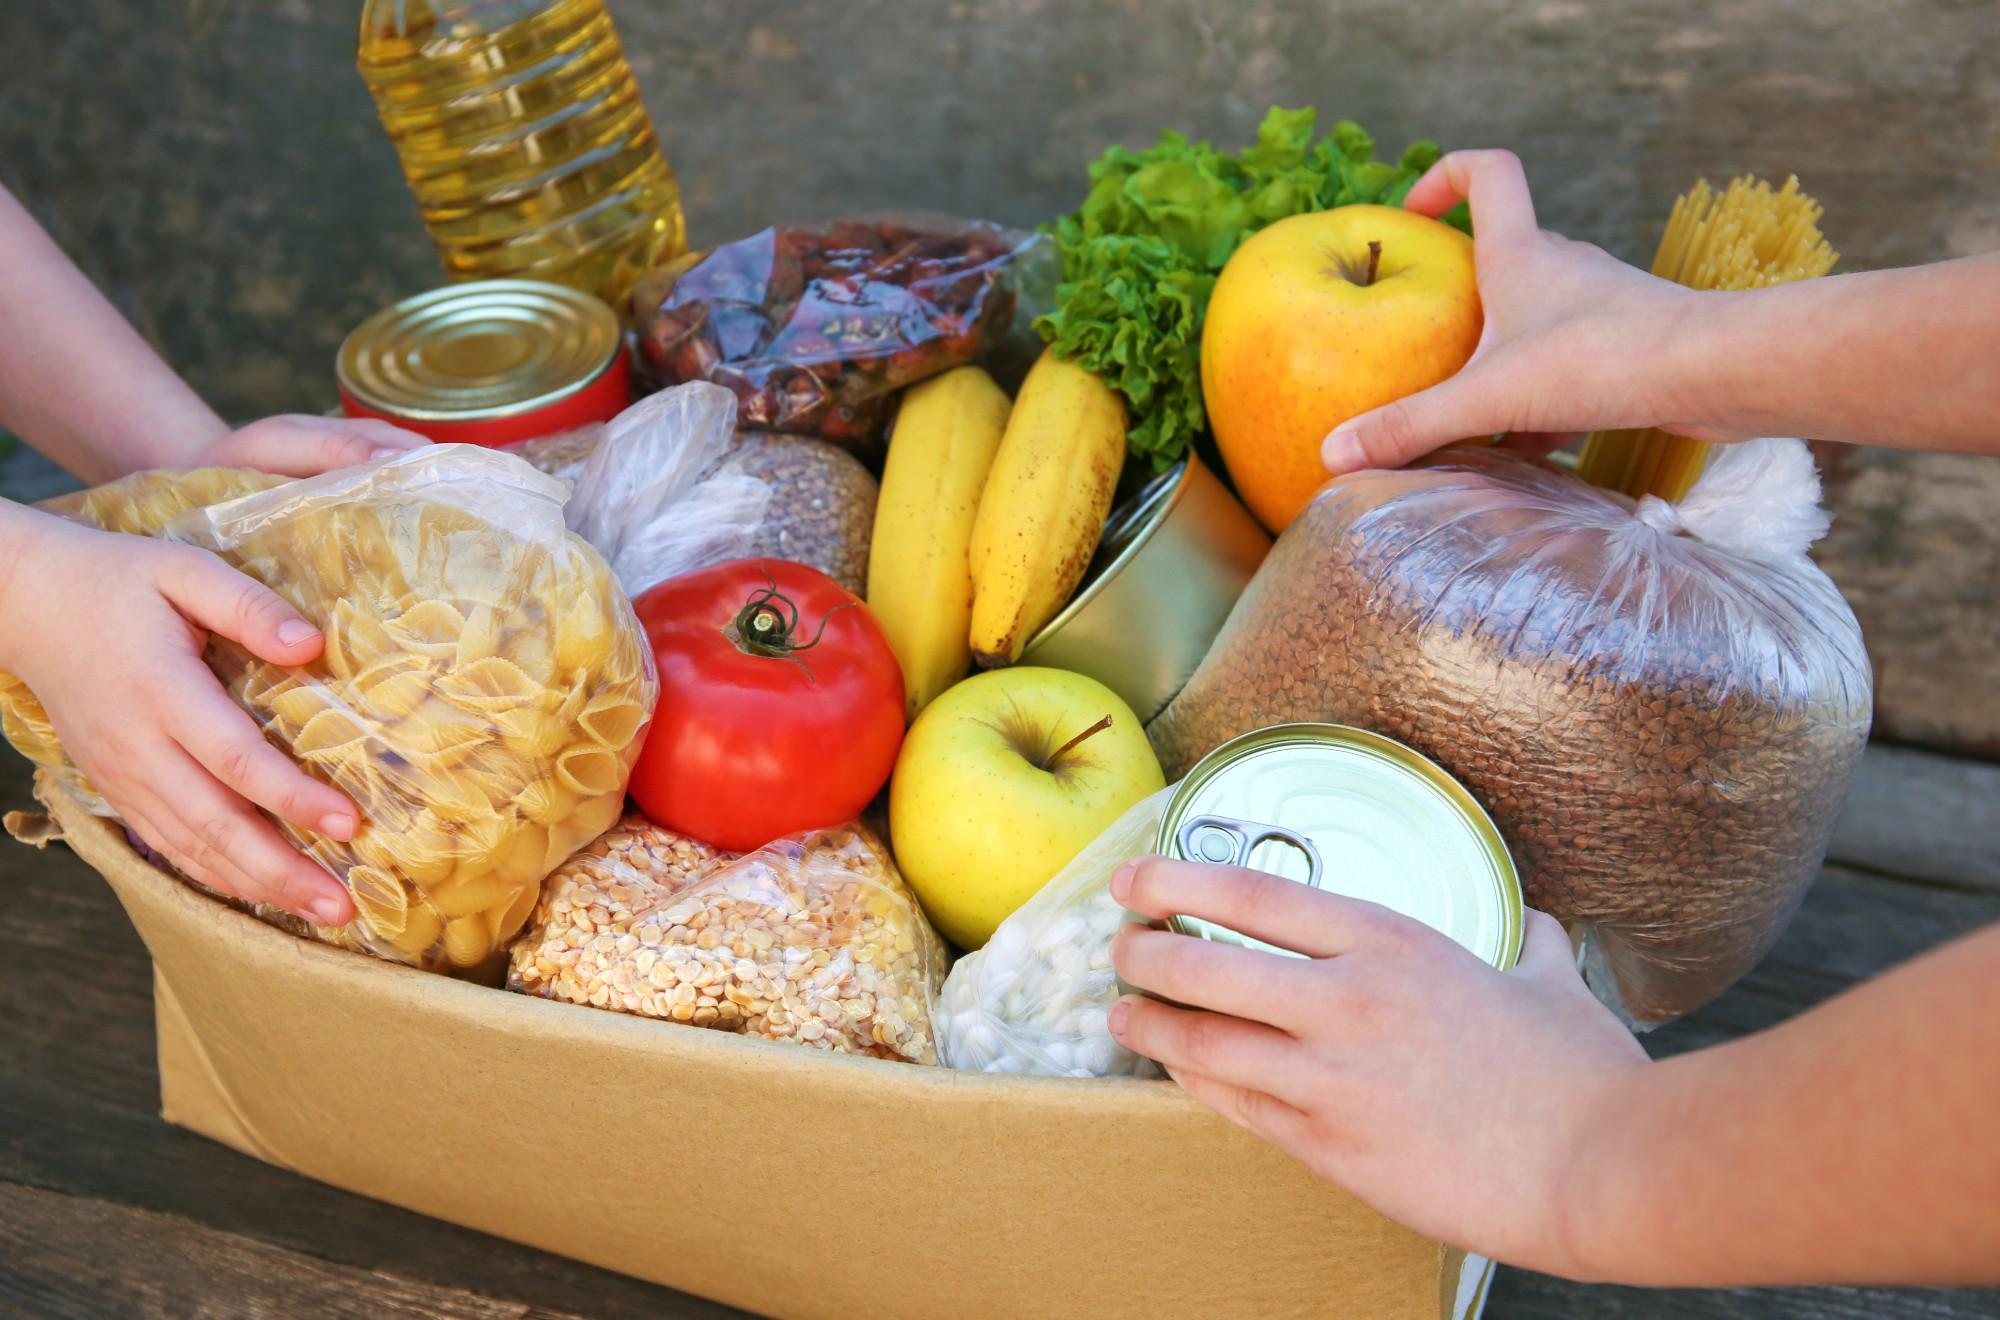 誰もが体に良い食料を手にする権利がある。ではなぜ、食料は大量に廃棄されるのか?